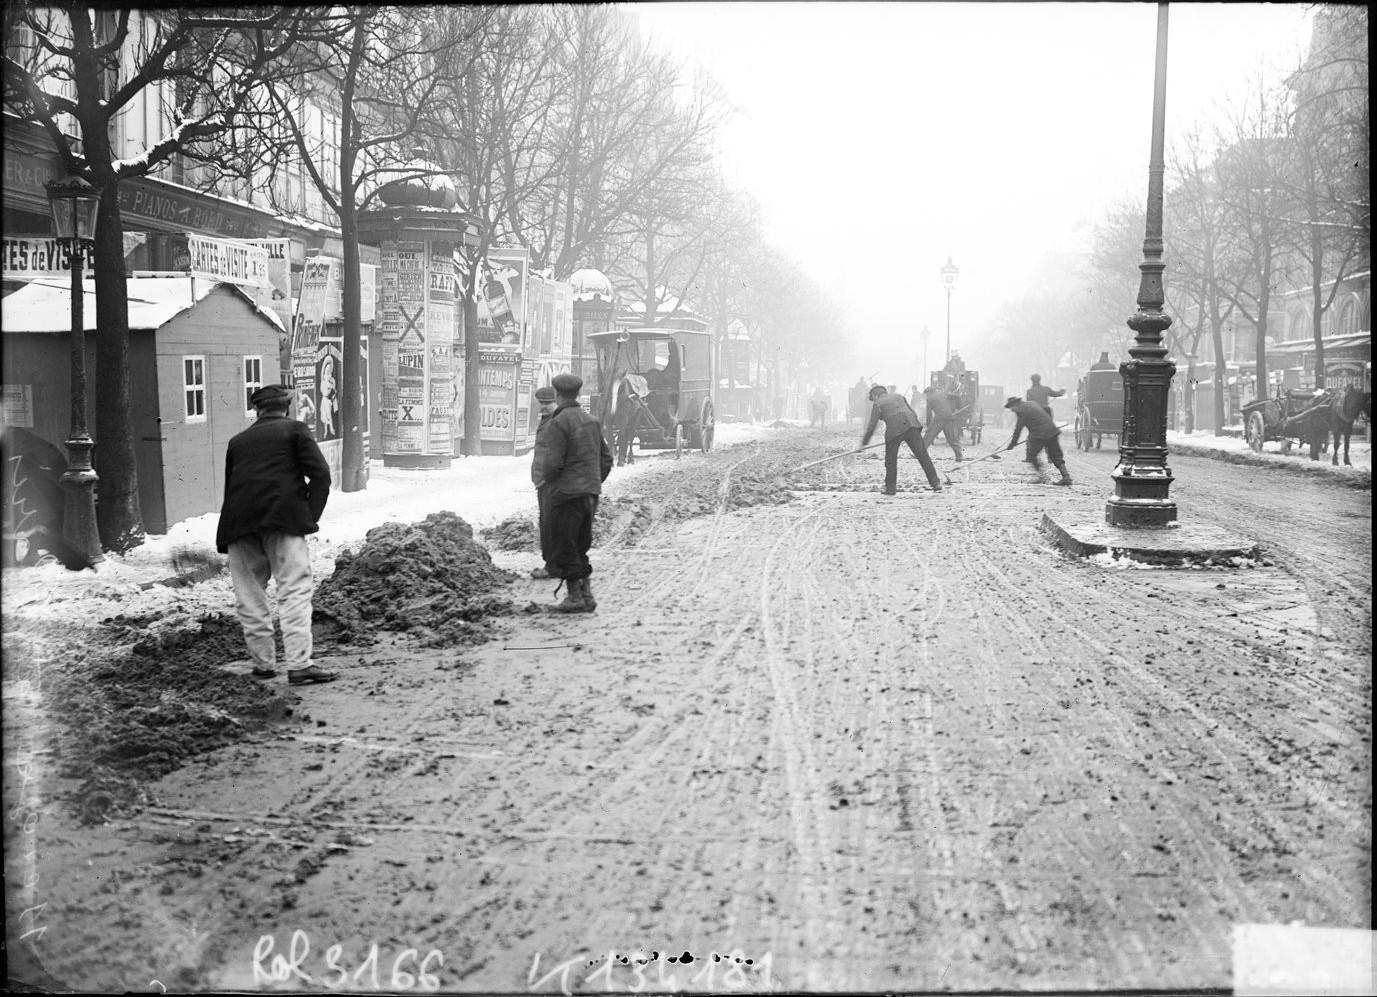 1908. Муниципальные службы расчищают снег